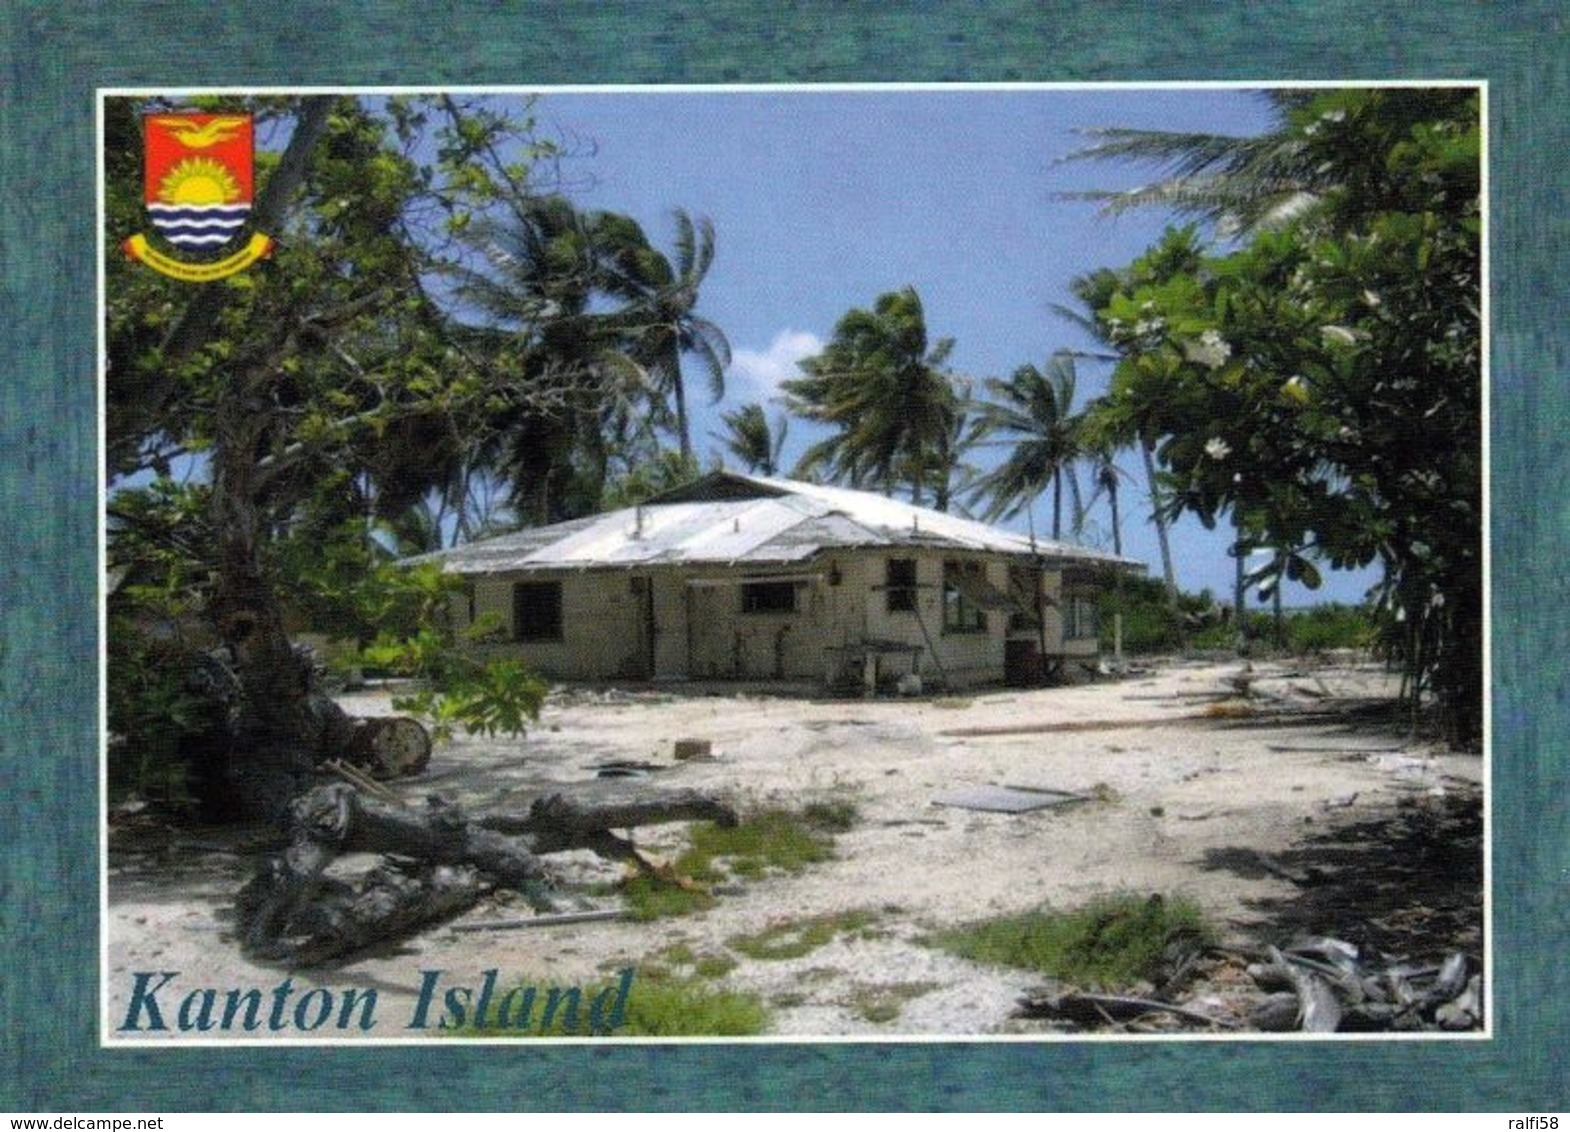 1 AK Kiribati * Ansicht Von Kanton Island - Das Größte Und Einzig Bewohnte Atoll Der Phoenixinseln * - Kiribati